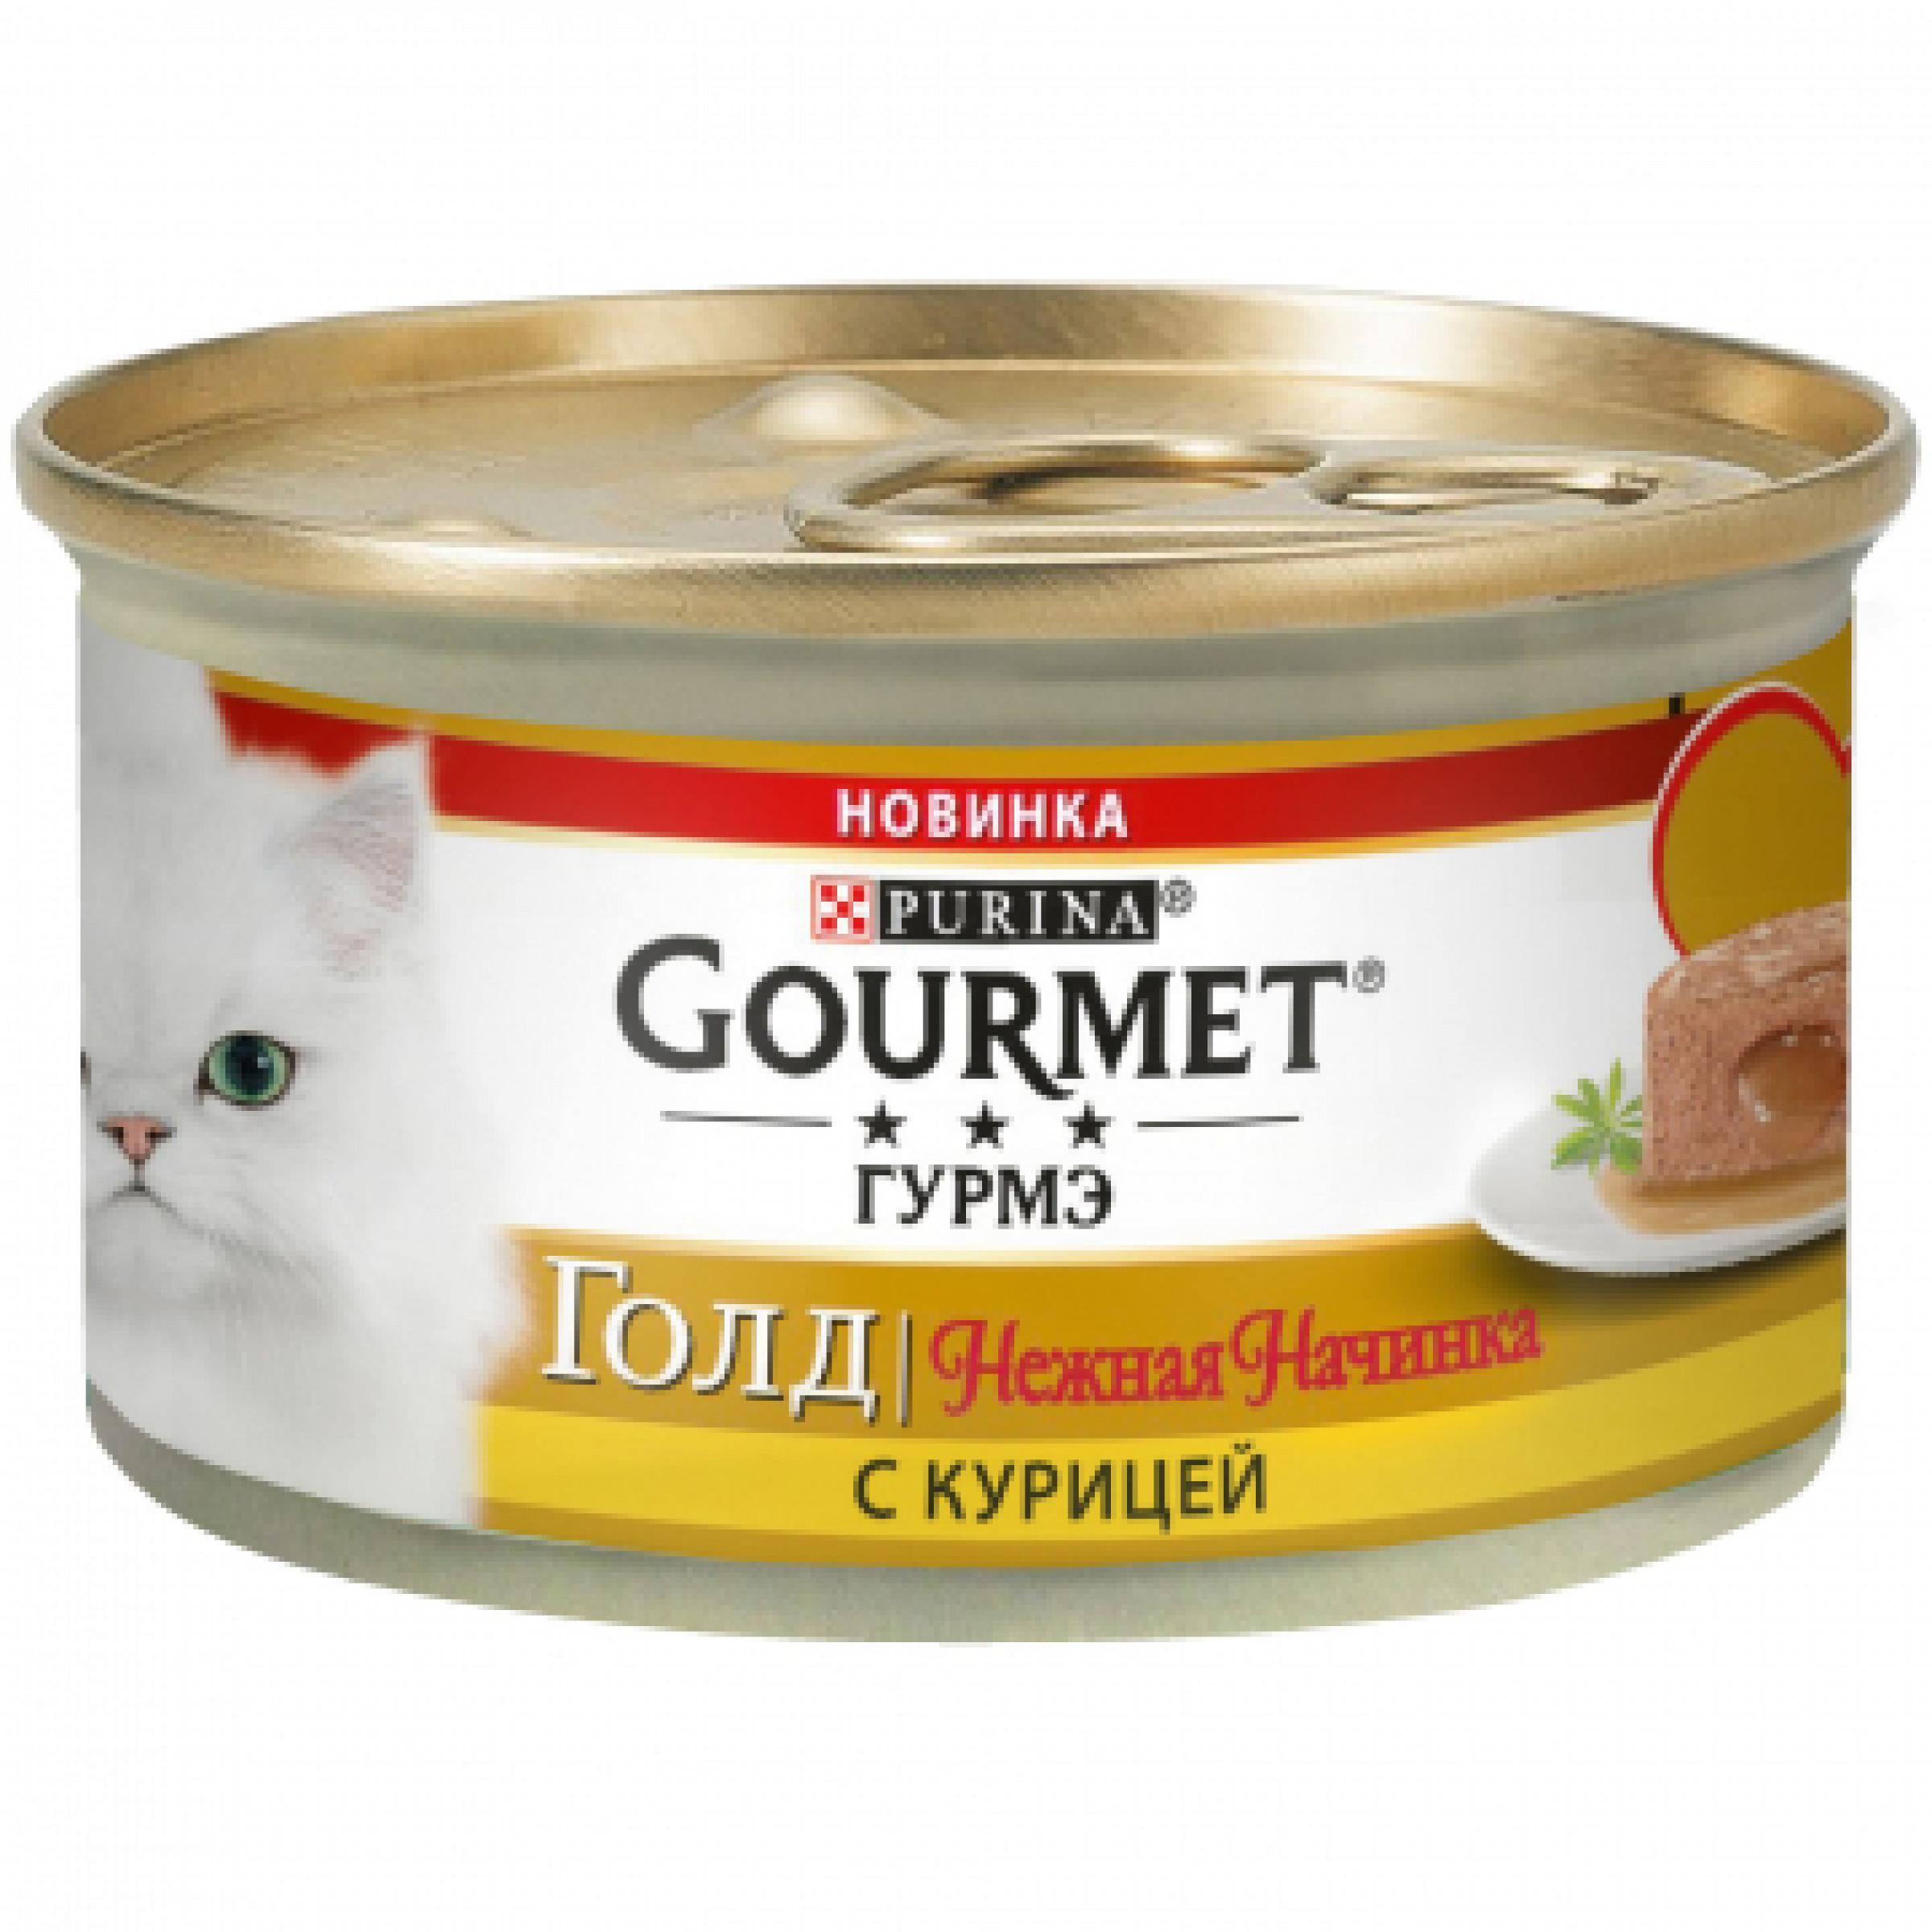 Влажный корм для кошек GOURMET Gold нежная начинка с курицей, 85 гр